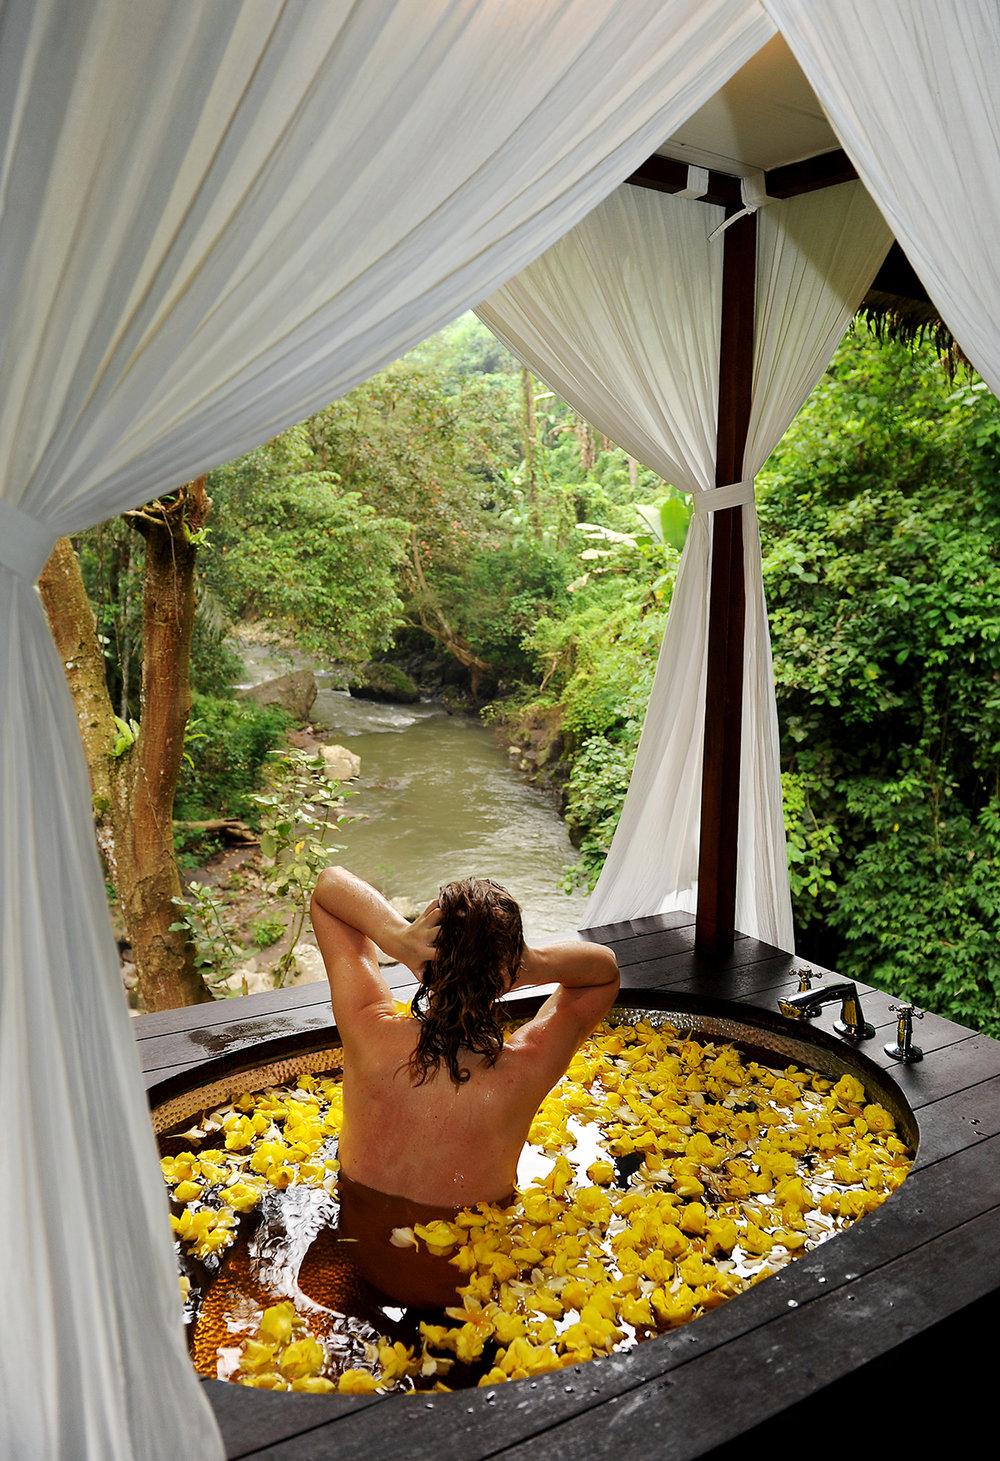 matka, matkailu, matkablogi, kylpy, spa, kukkakylpy, tropiikki, sademetsä, Bali, Ubud